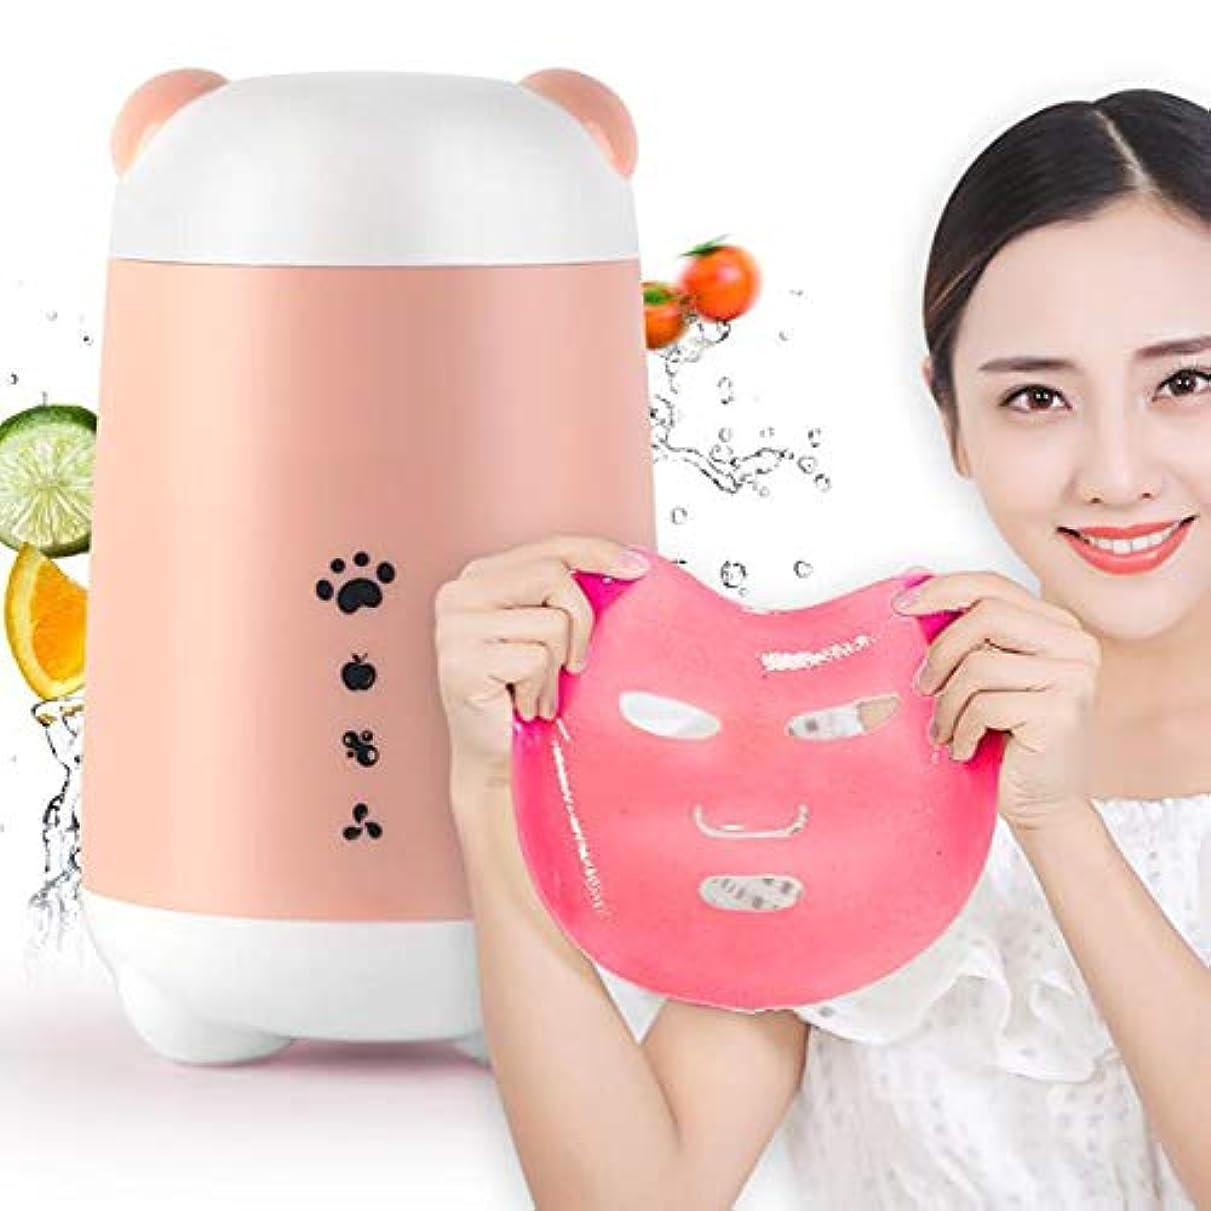 フルーツと野菜のマスクを作るマシン、顔のスチーマー完全自動音声プロンプトDIY自家製の自然美容機器,Pink